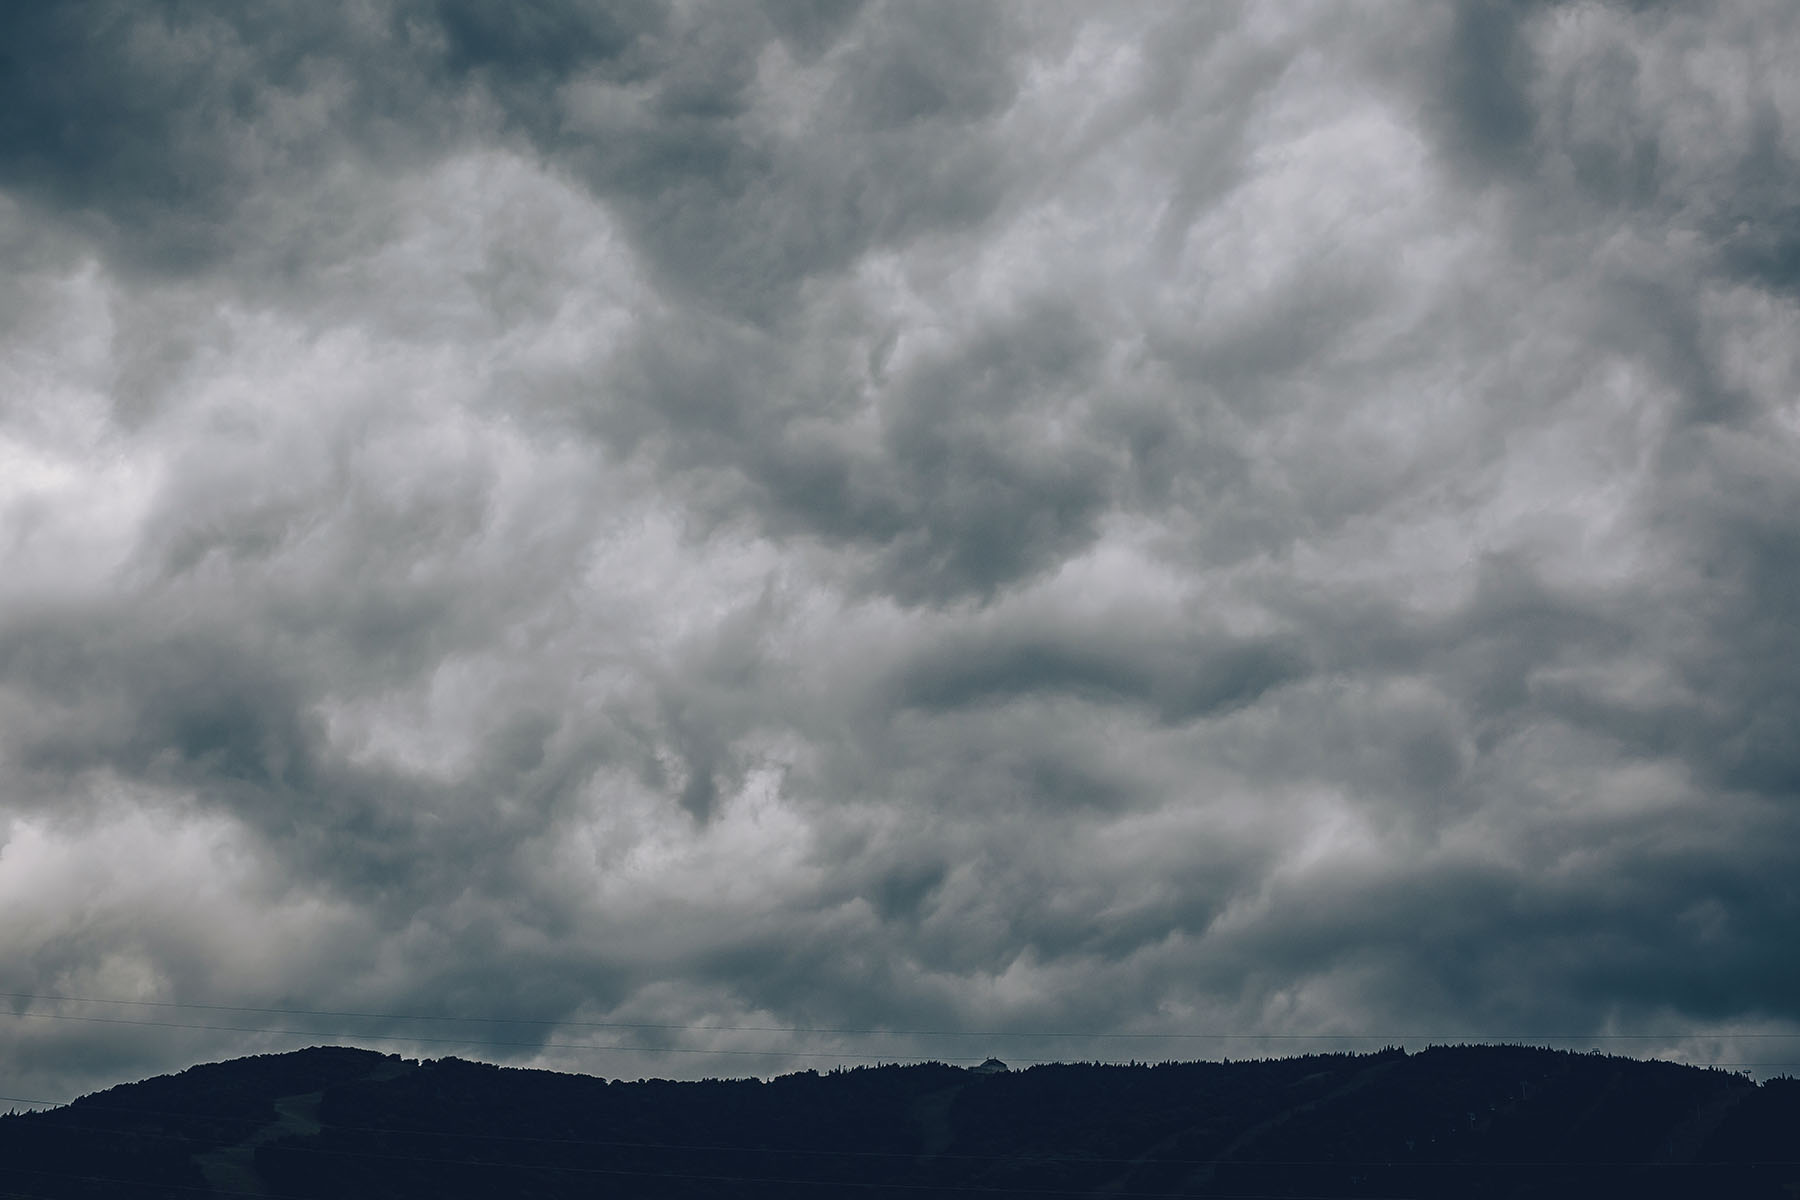 Und dann ging's plötzlich ganz schnell: Der eben noch blaue Himmel war mit dunklen Wolken verhangen.